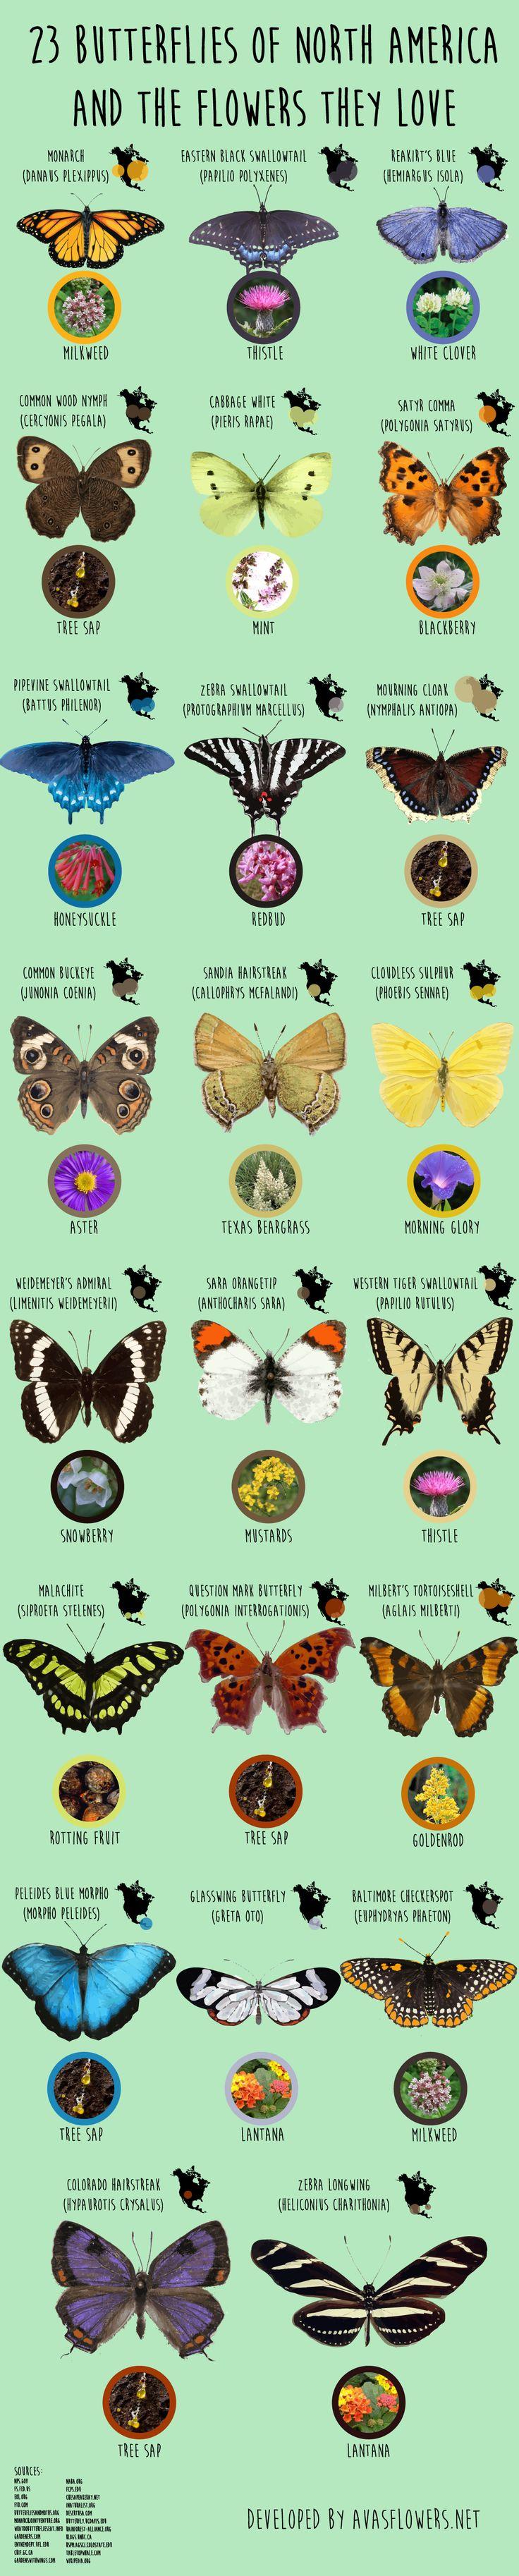 best 25+ butterflies ideas on pinterest | butterfly, butterfly art